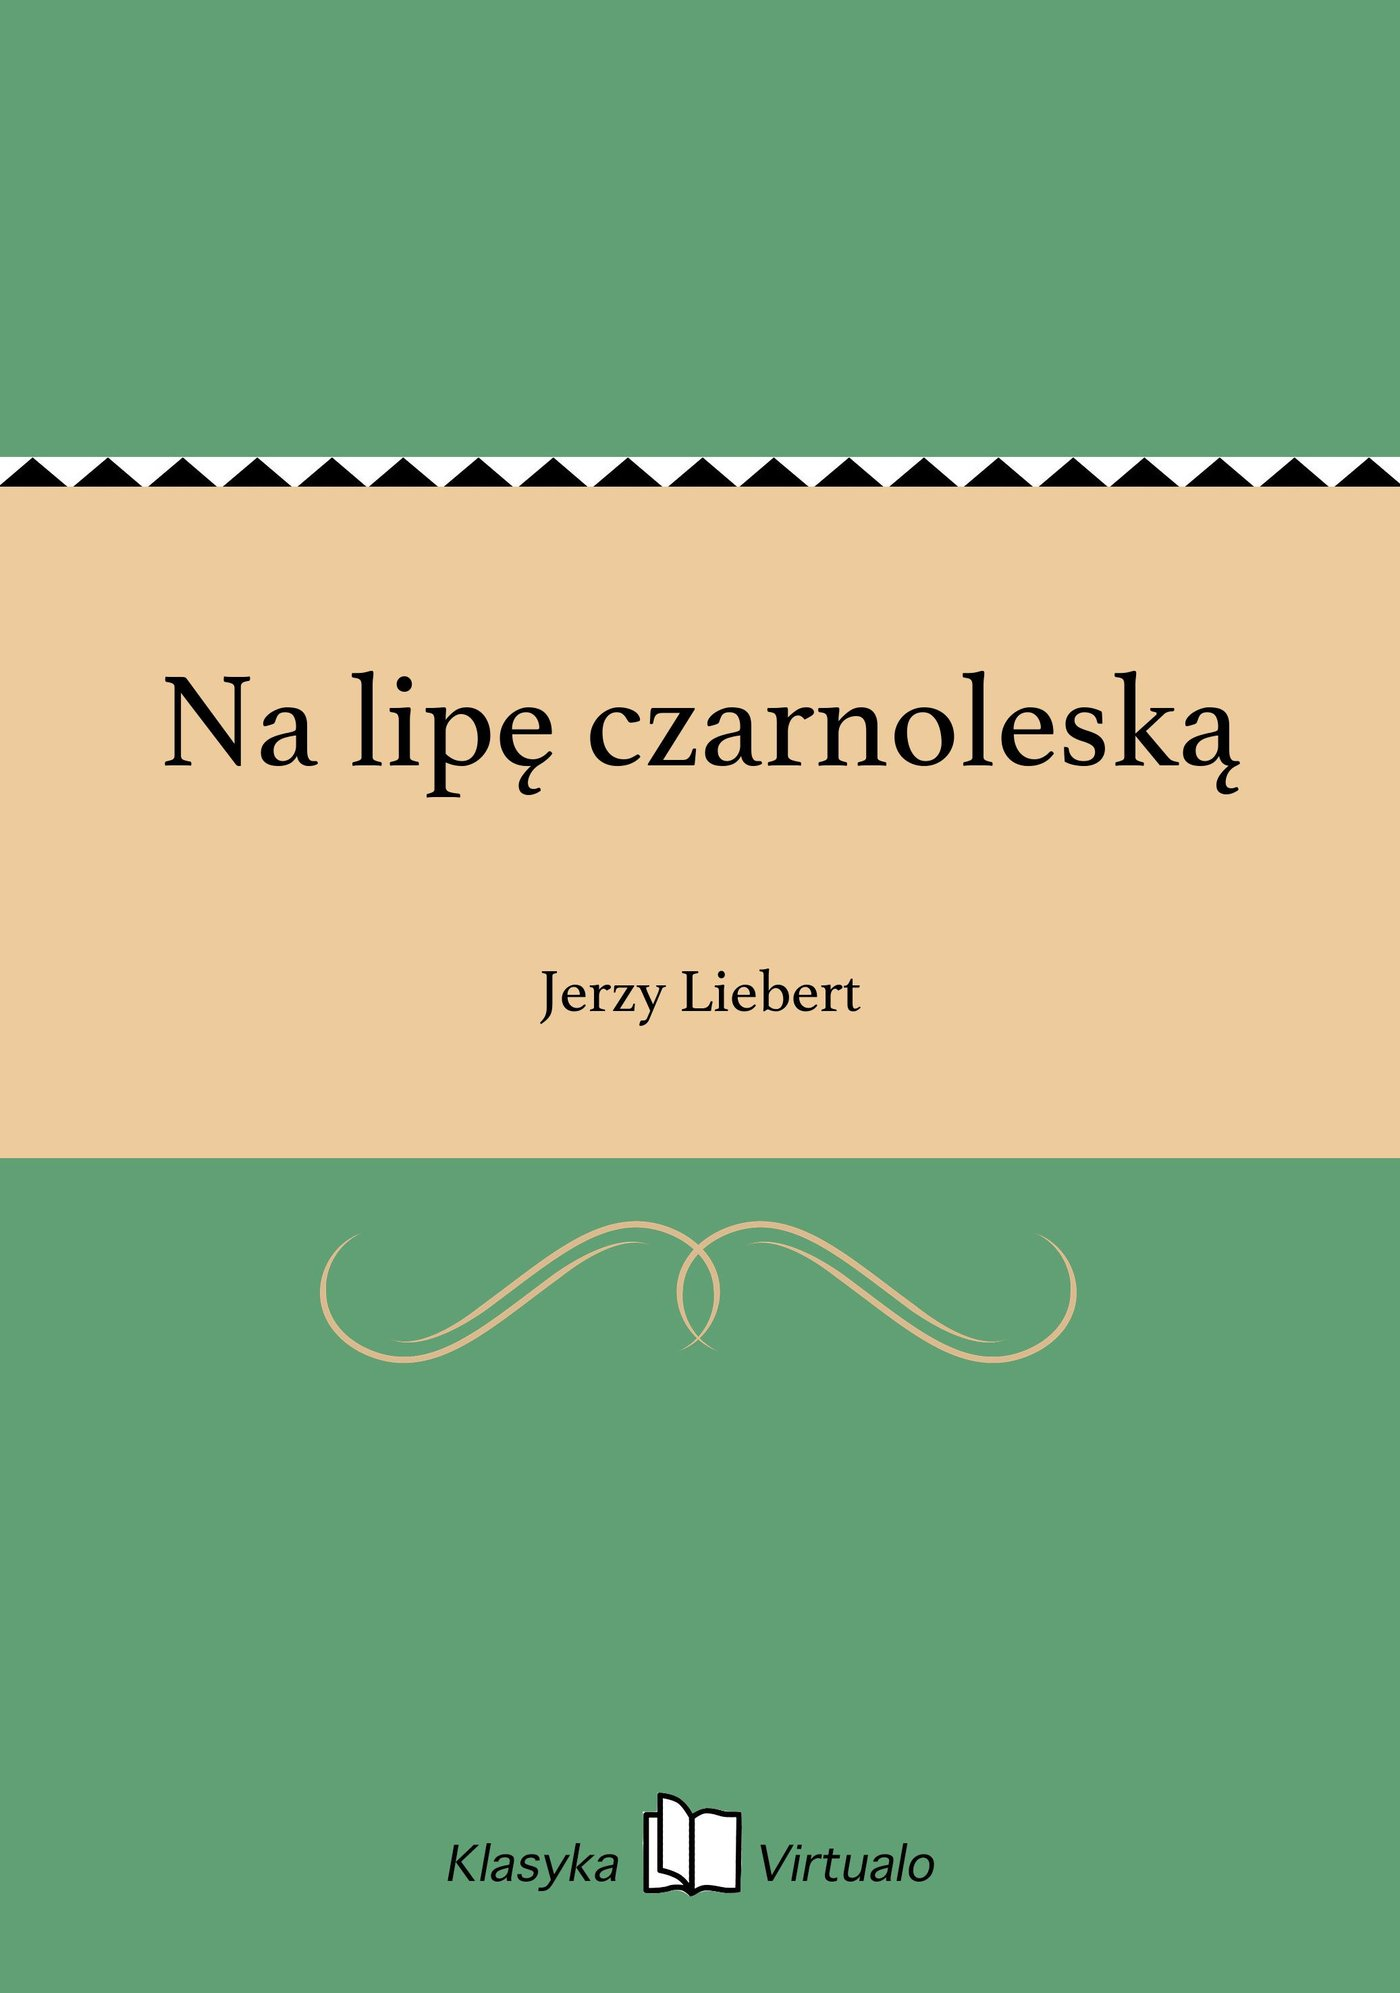 Na lipę czarnoleską - Ebook (Książka EPUB) do pobrania w formacie EPUB